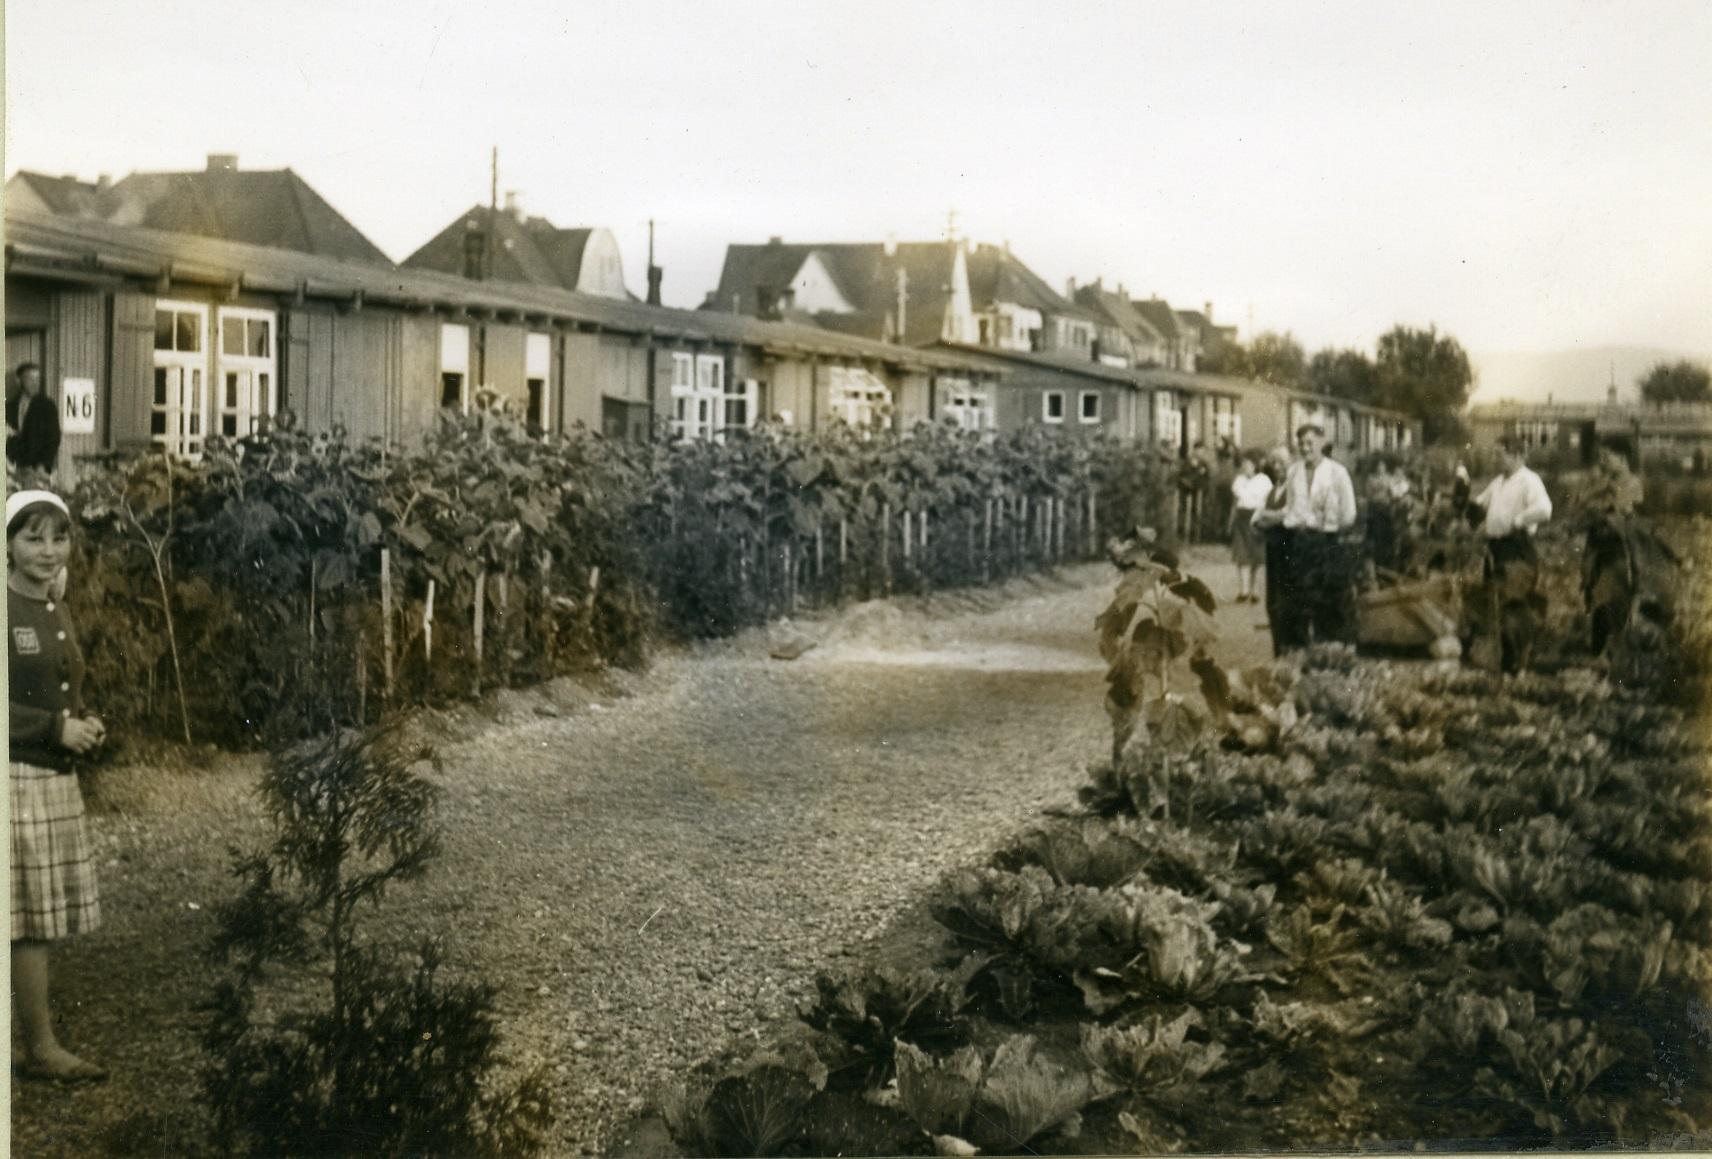 Лагерь для остарбайтеров в городе Зинген, примерно 1943 год. © Stadtarchiv Singen